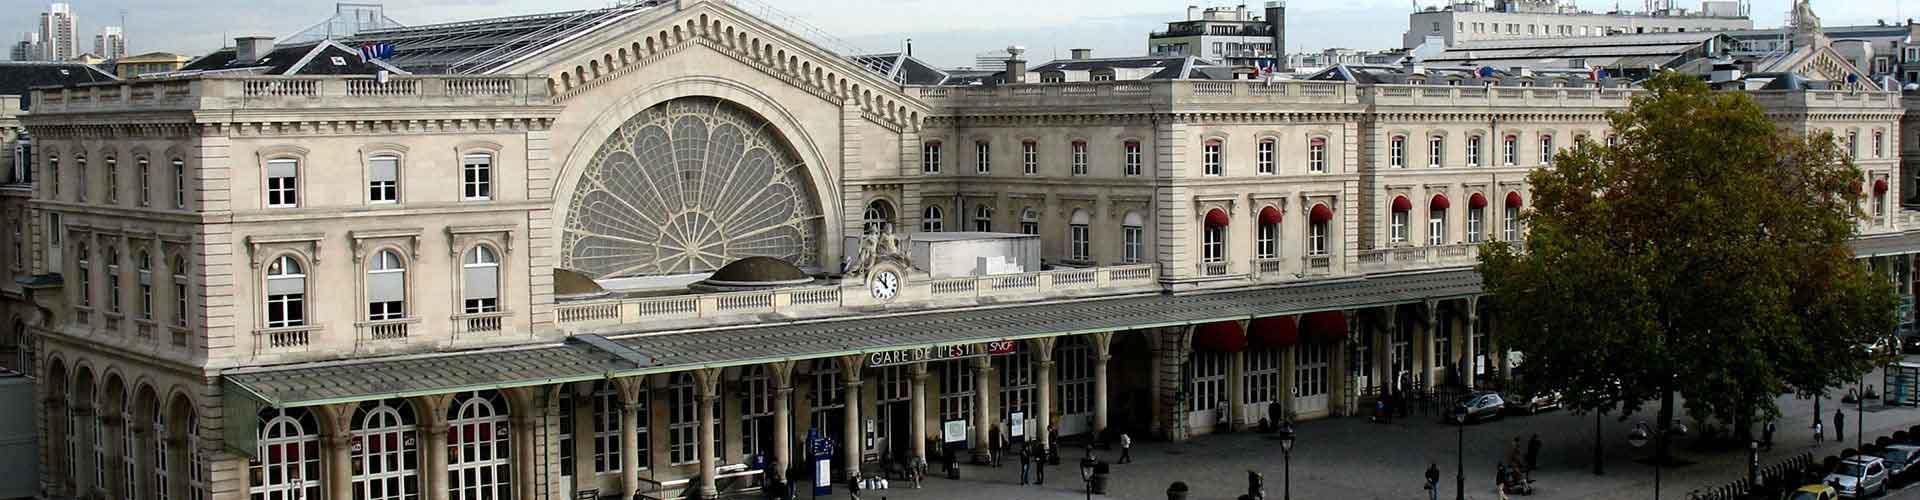 París - Albergues Juveniles en el distrito Gare de l'Est . Mapas de París, Fotos y Comentarios para cada Albergue Juvenil en París.